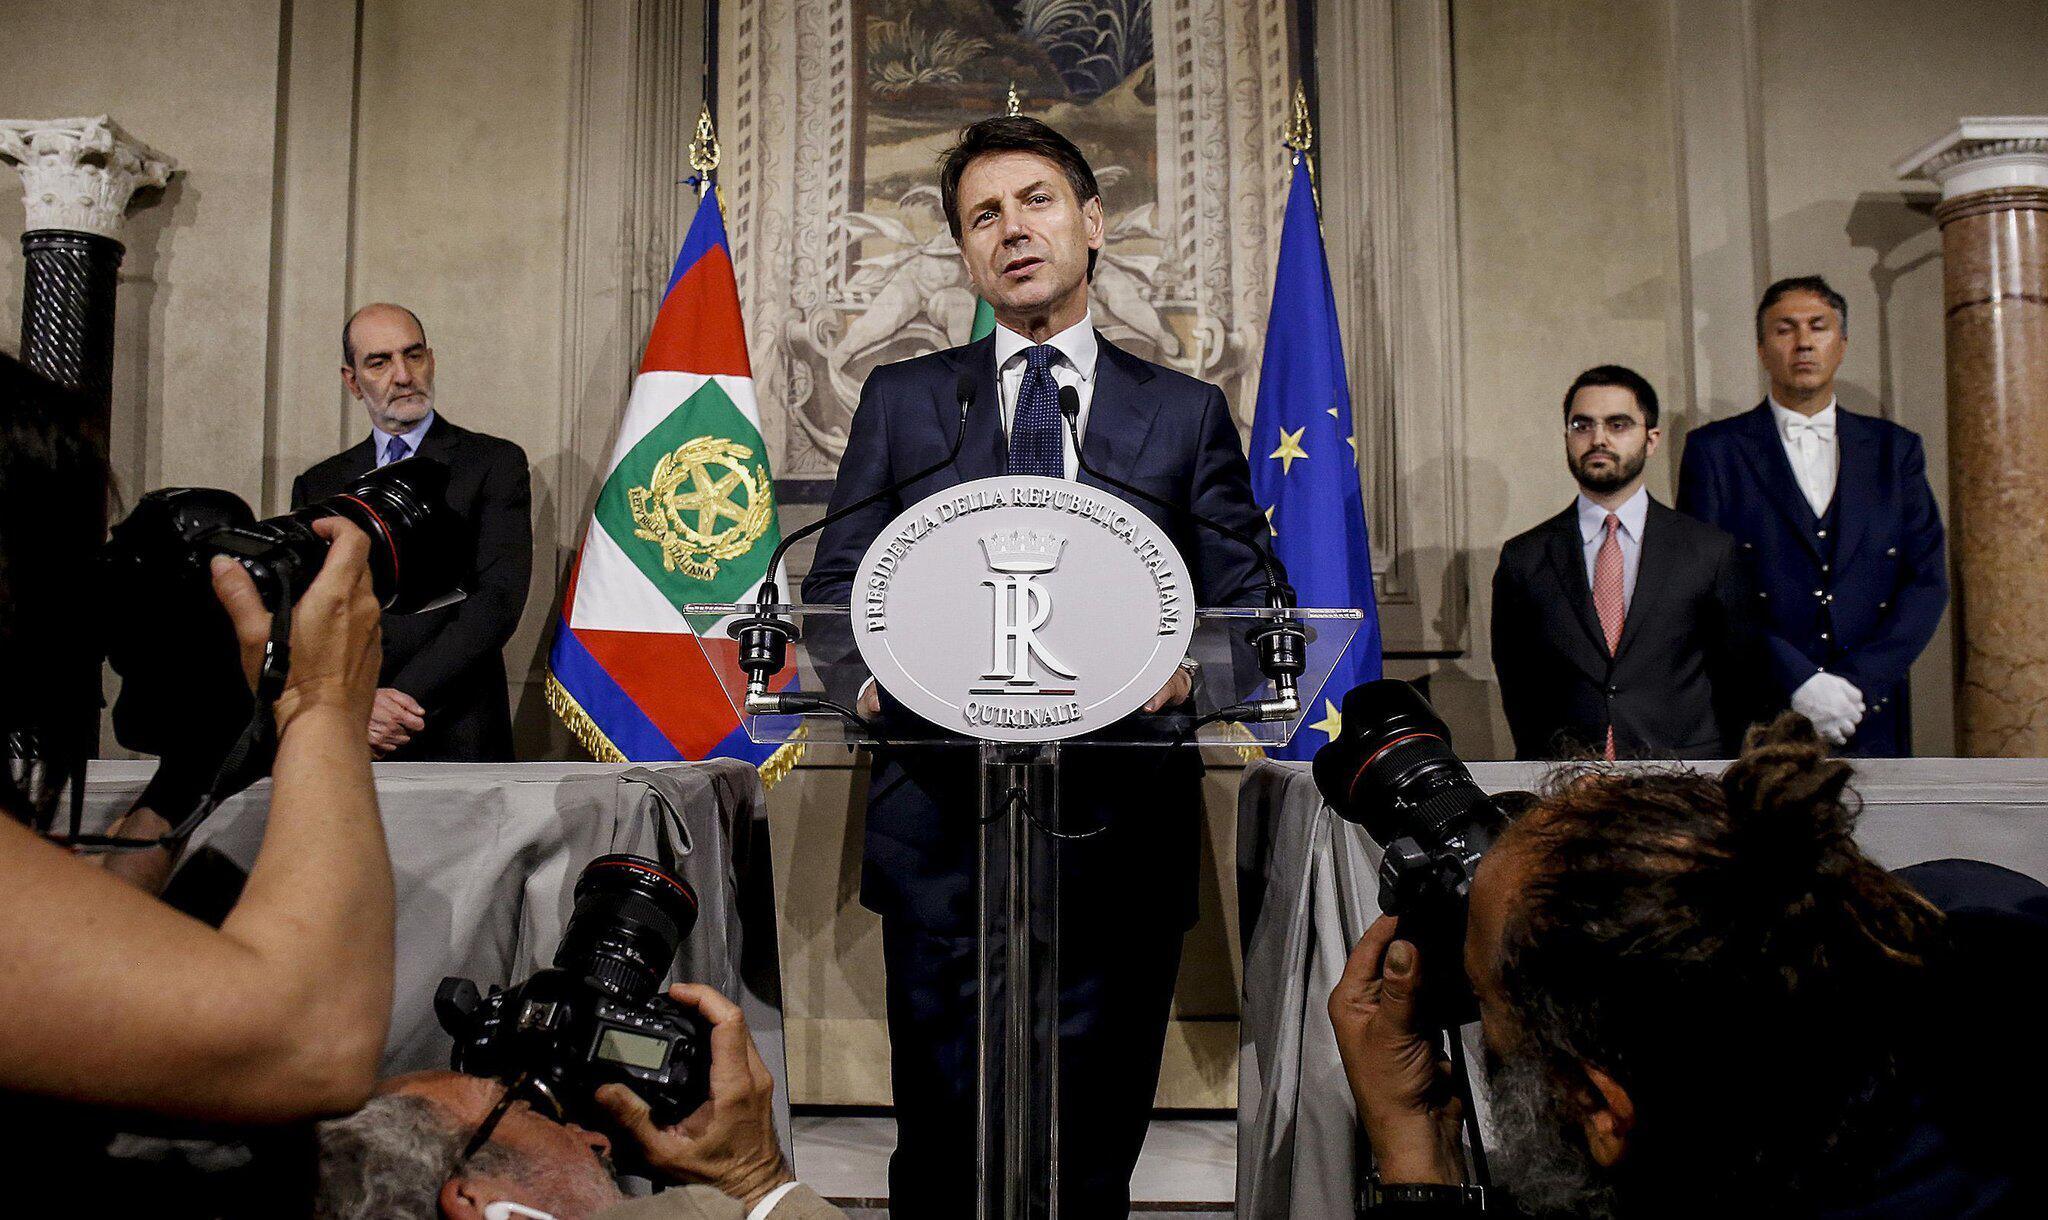 Bild zu Jurist Conte nimmt Regierungsauftrag in Italien an